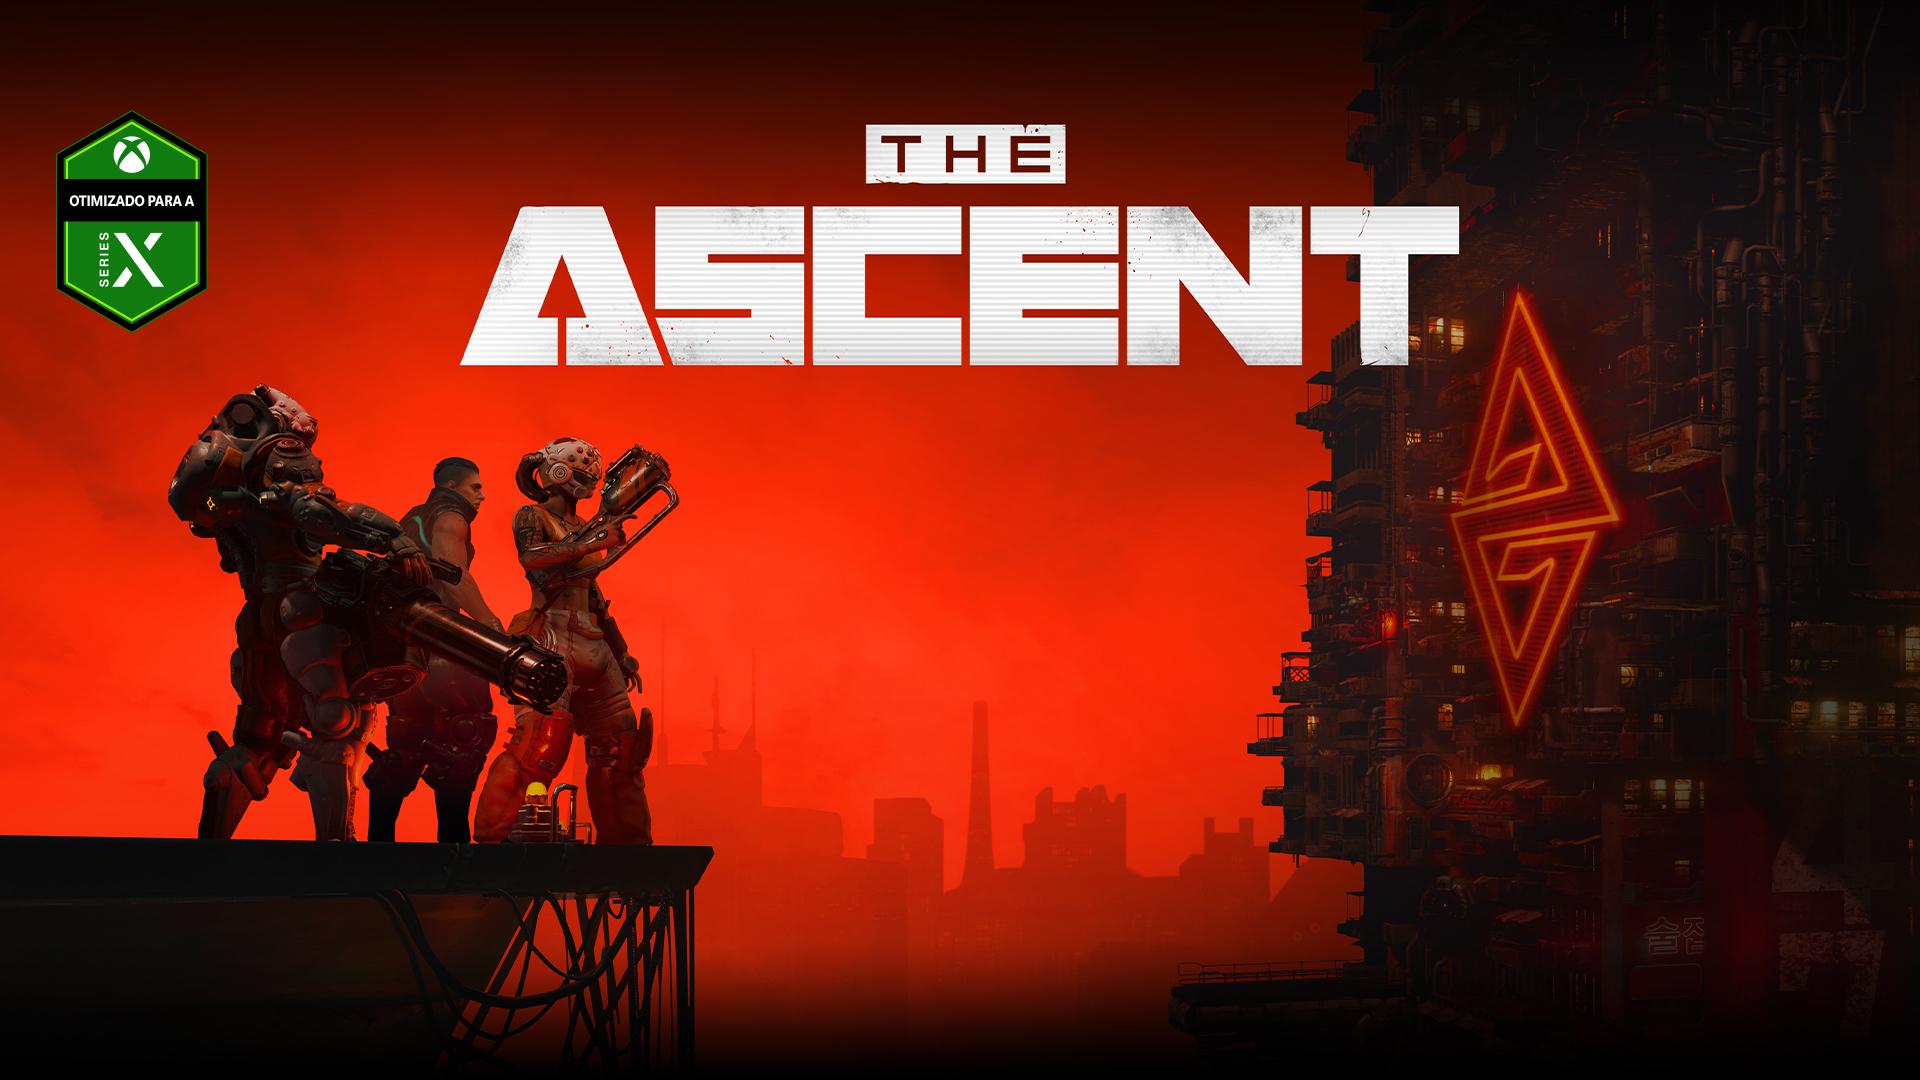 The Ascent, Otimizado para a Xbox Series X, Três personagens numa plataforma com vista para um grande edifício industrial de estilo cyberpunk